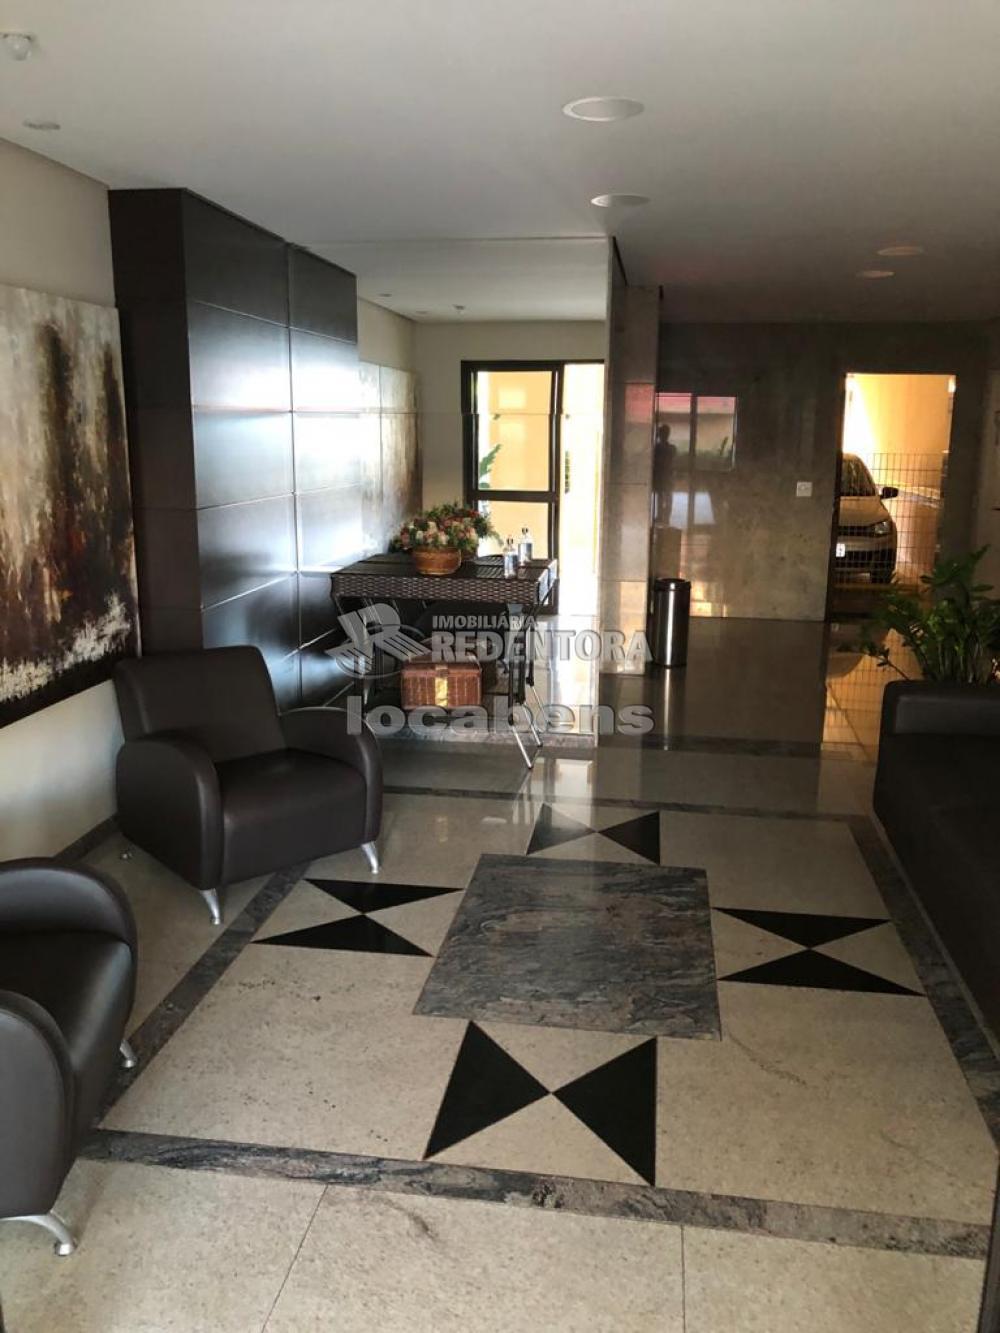 Alugar Apartamento / Padrão em São José do Rio Preto apenas R$ 1.300,00 - Foto 23